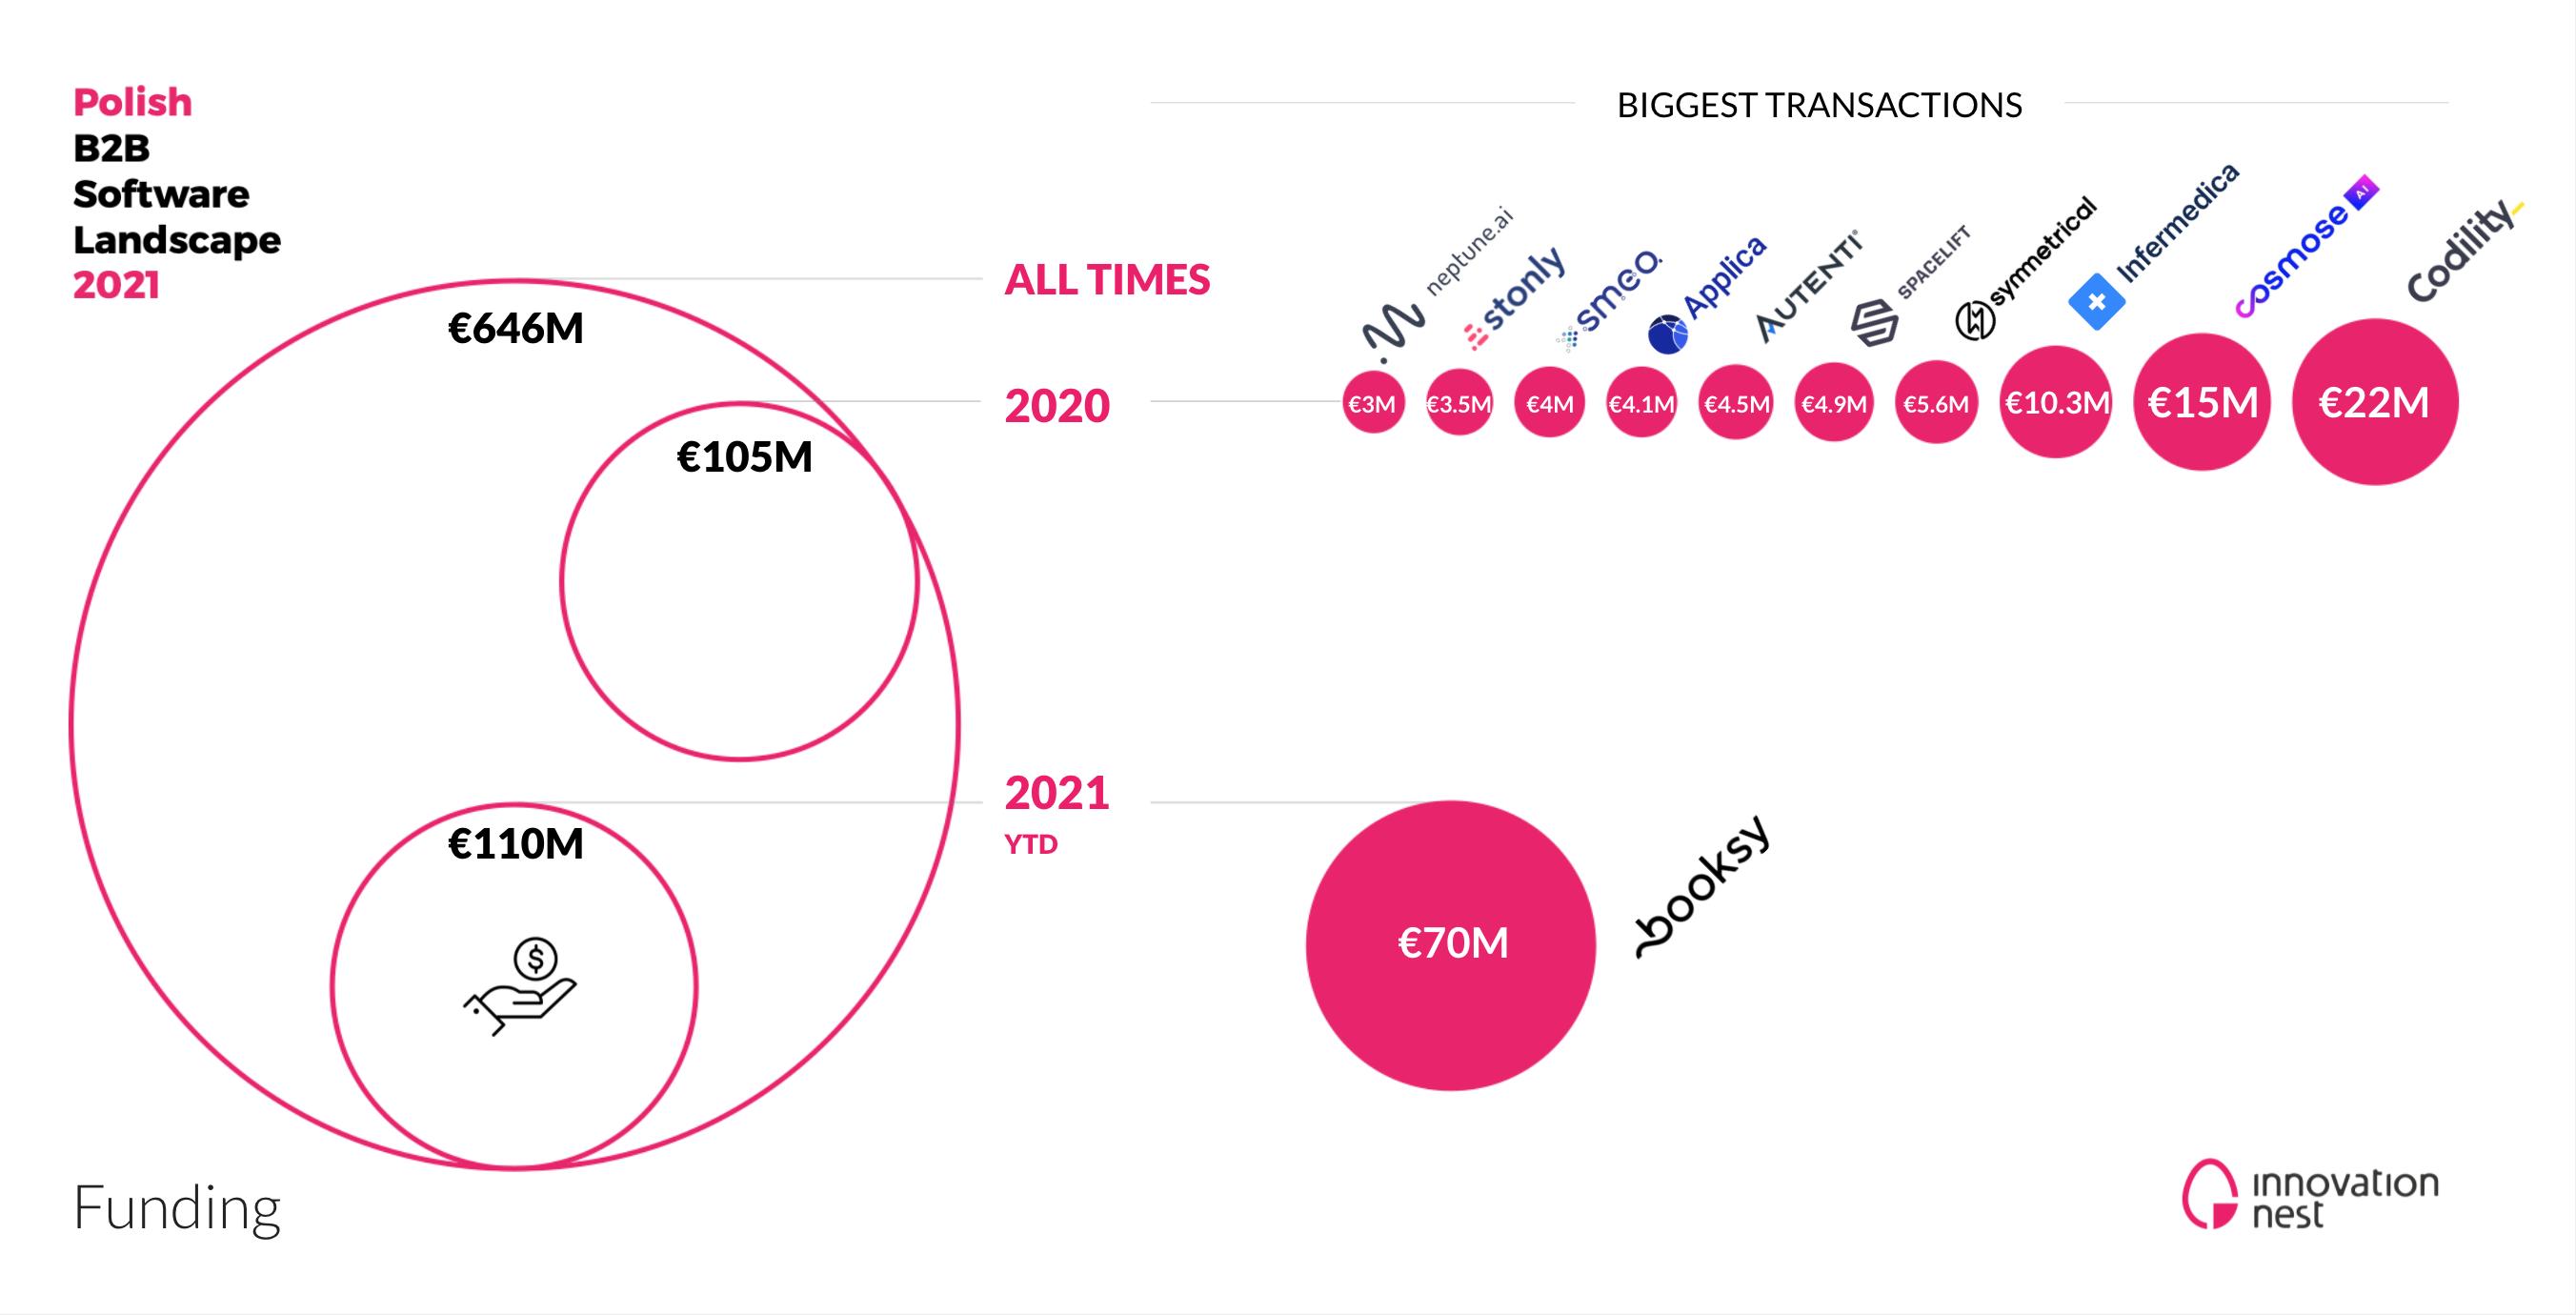 Inwestycje w start-upy B2B (Źródło: Innovation Nest)